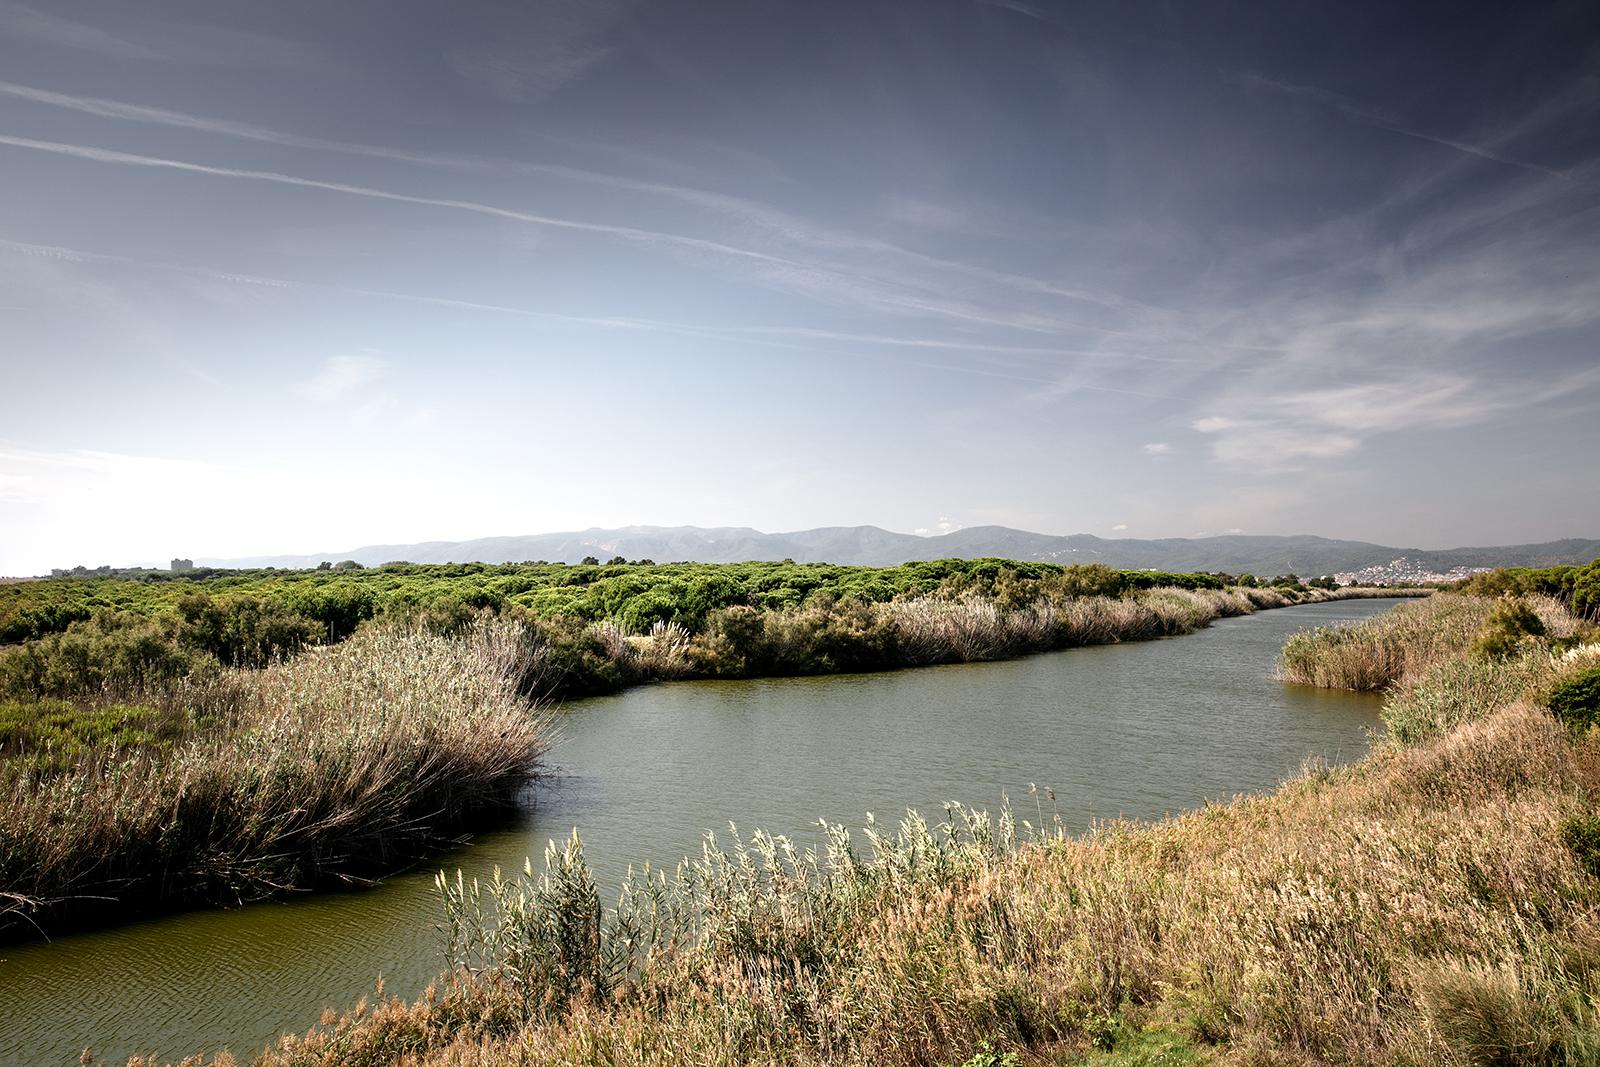 Paysage nature en Catalogne proche de Barcelone